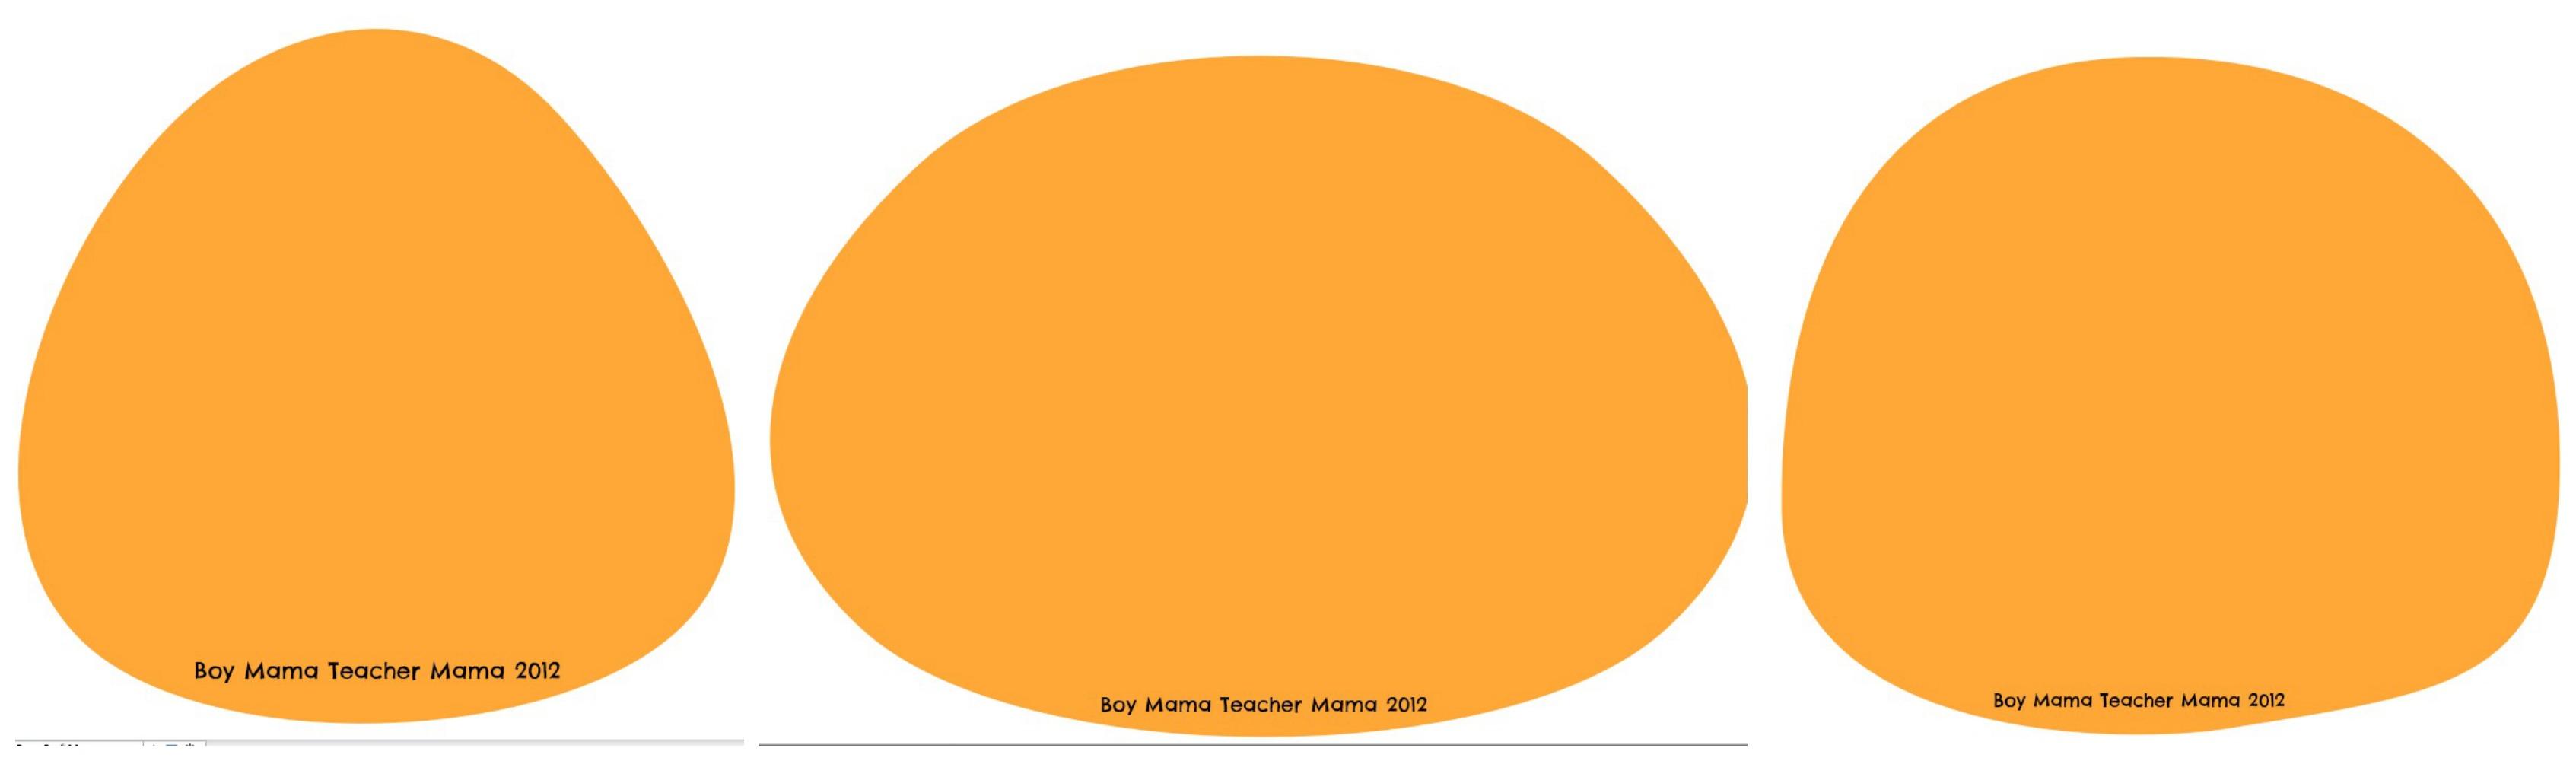 boy mama roll a pumpkin face boy mama teacher mama